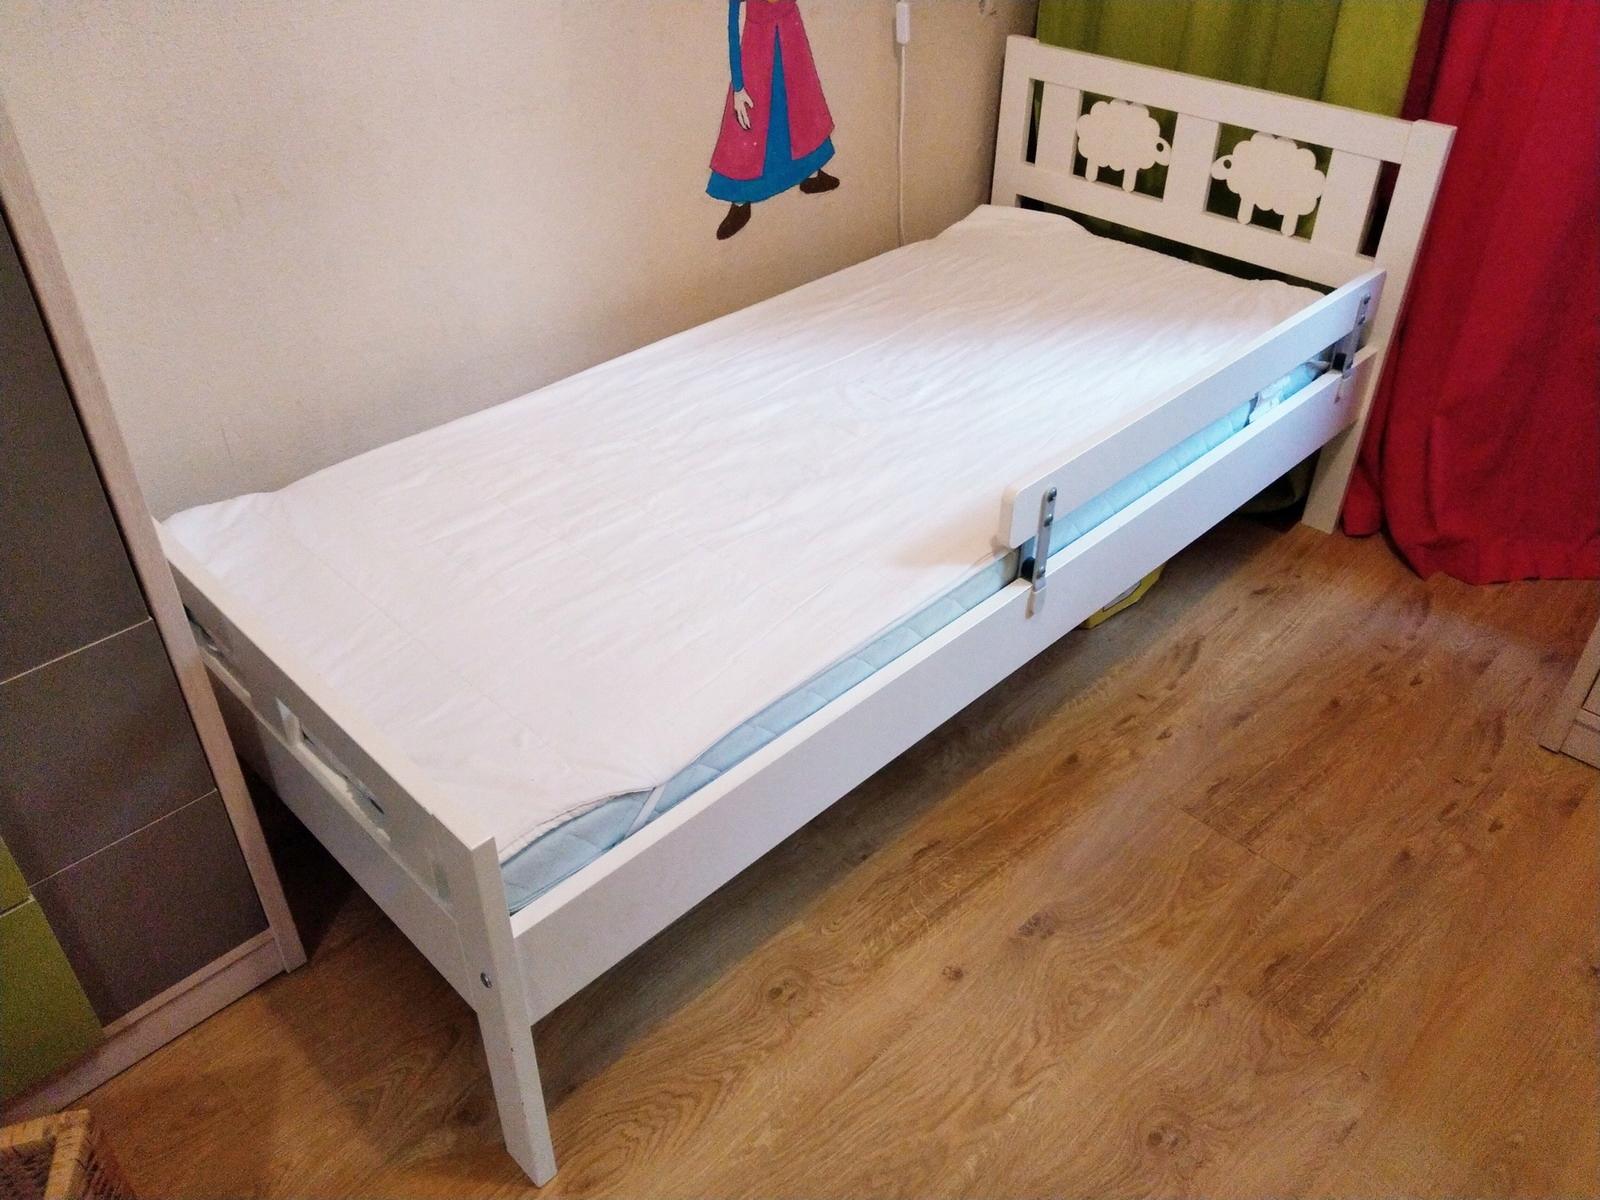 Ammco Bus łóżka Dziecięce Z Barierką Ikea